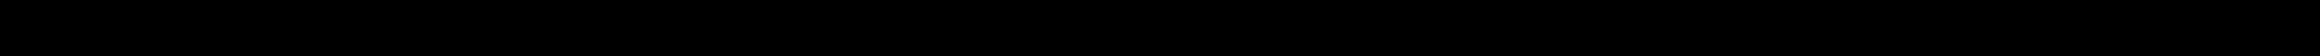 DT 427 144 0180 S Zestaw montażowy, kolektor wydechowy